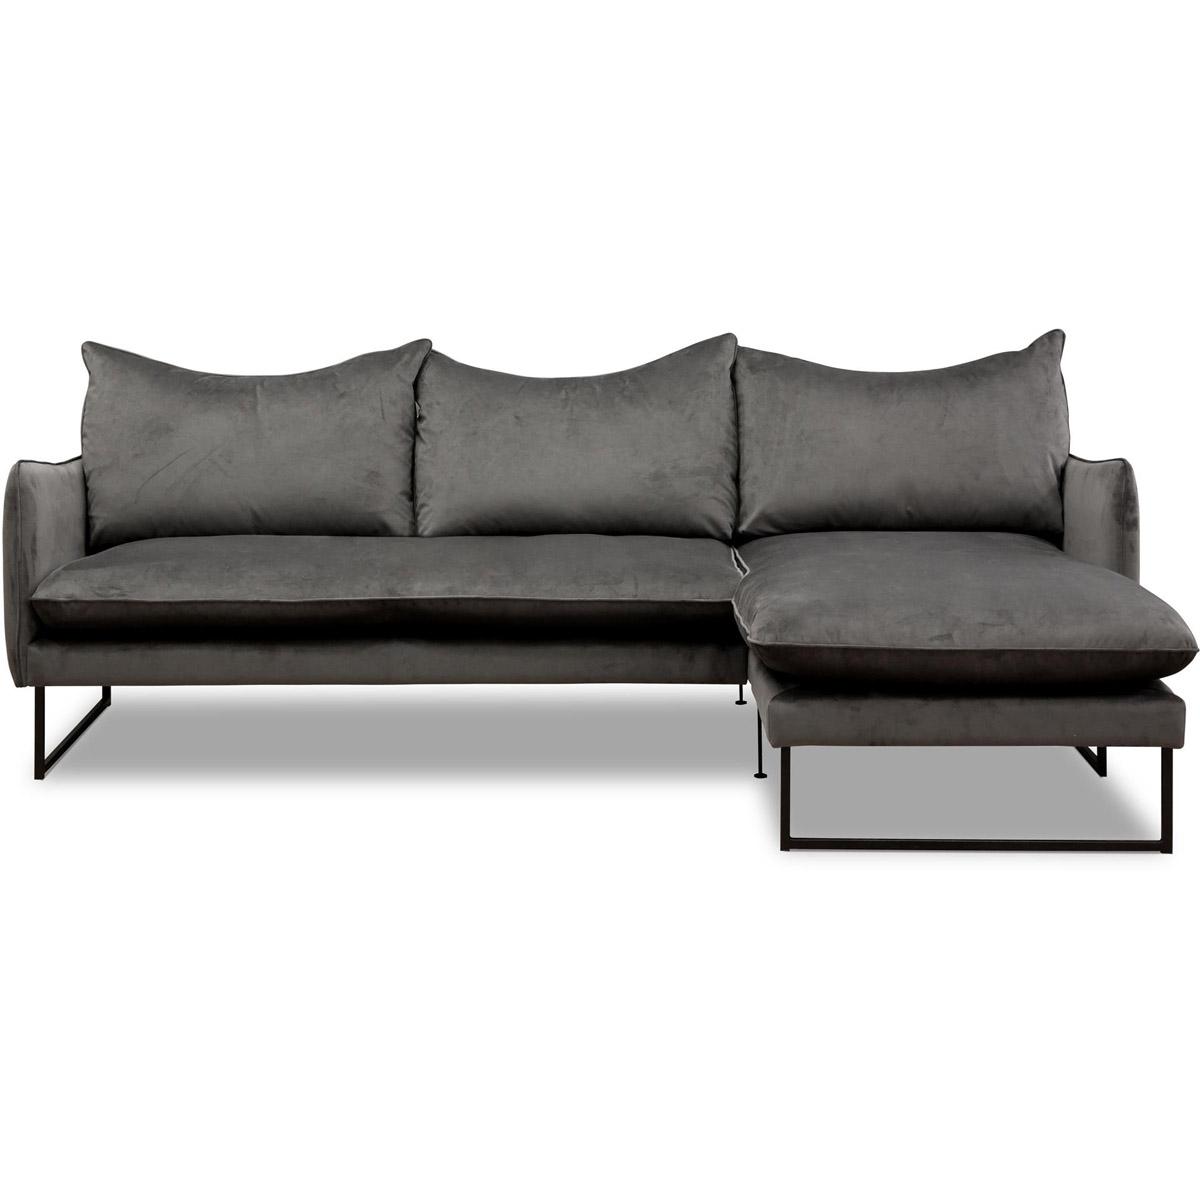 James-sammet-divansoffa-3-sits-med-divan-tyg-grå